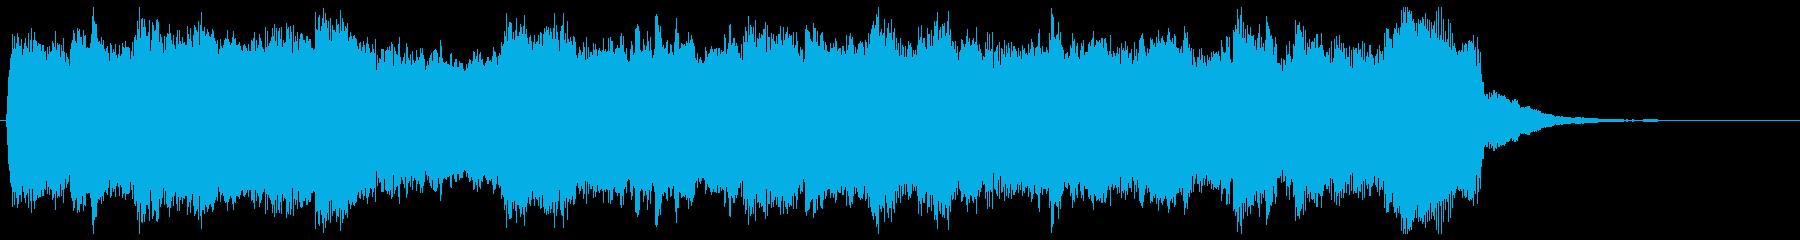 短調の旋律が美しいパイプオルガンの再生済みの波形